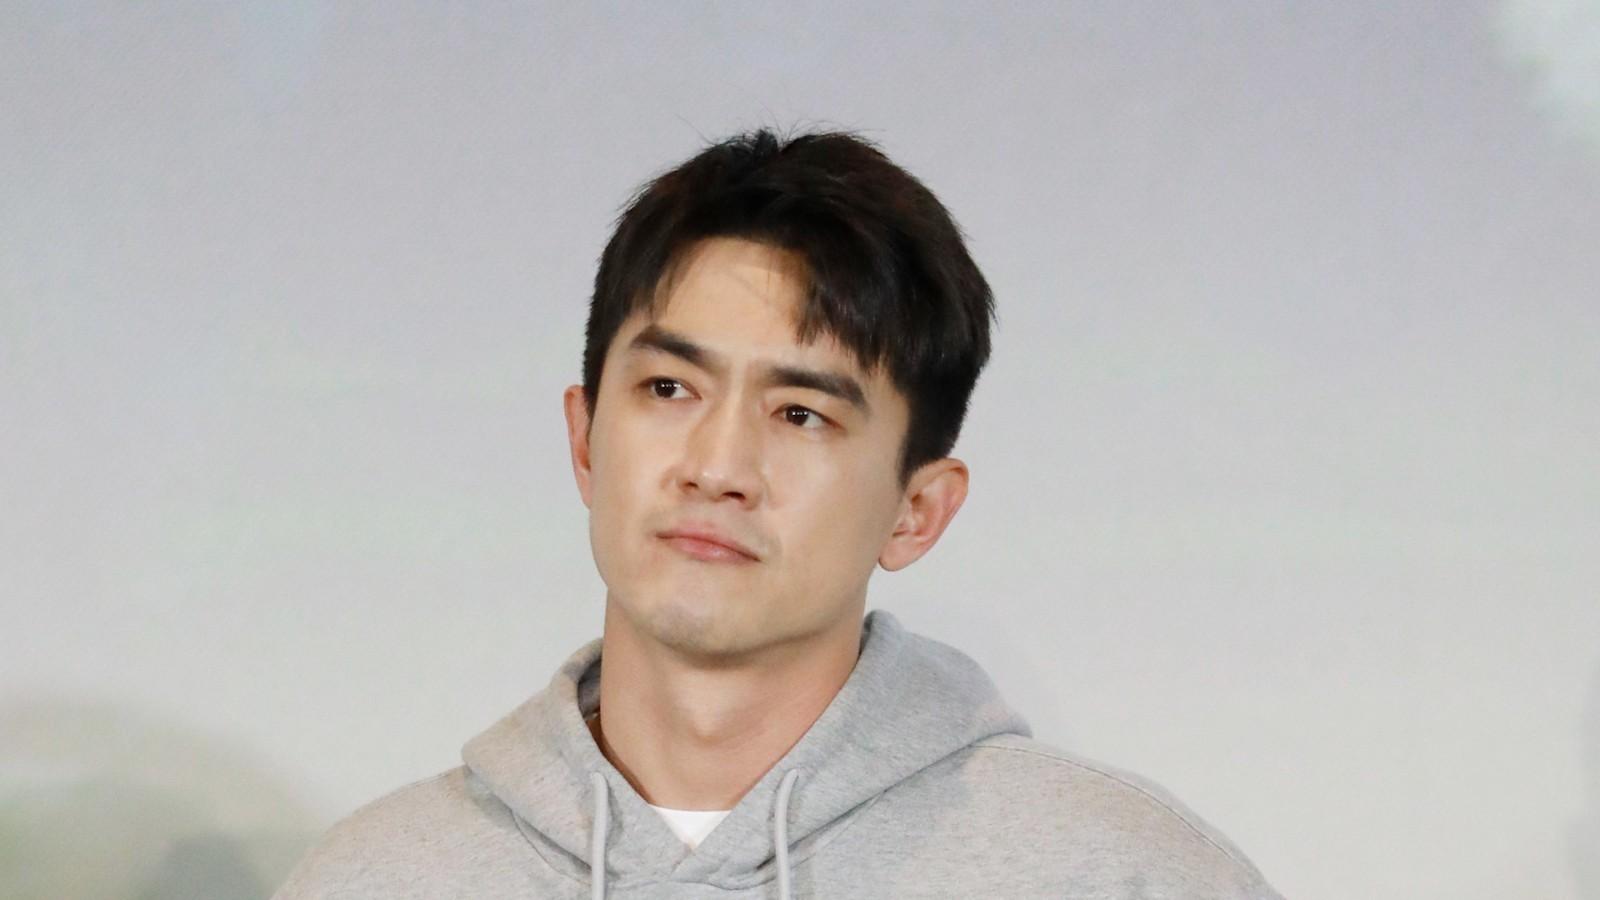 林更新现场配音秀实力 郑恺自信打call《疯狂原始人2》